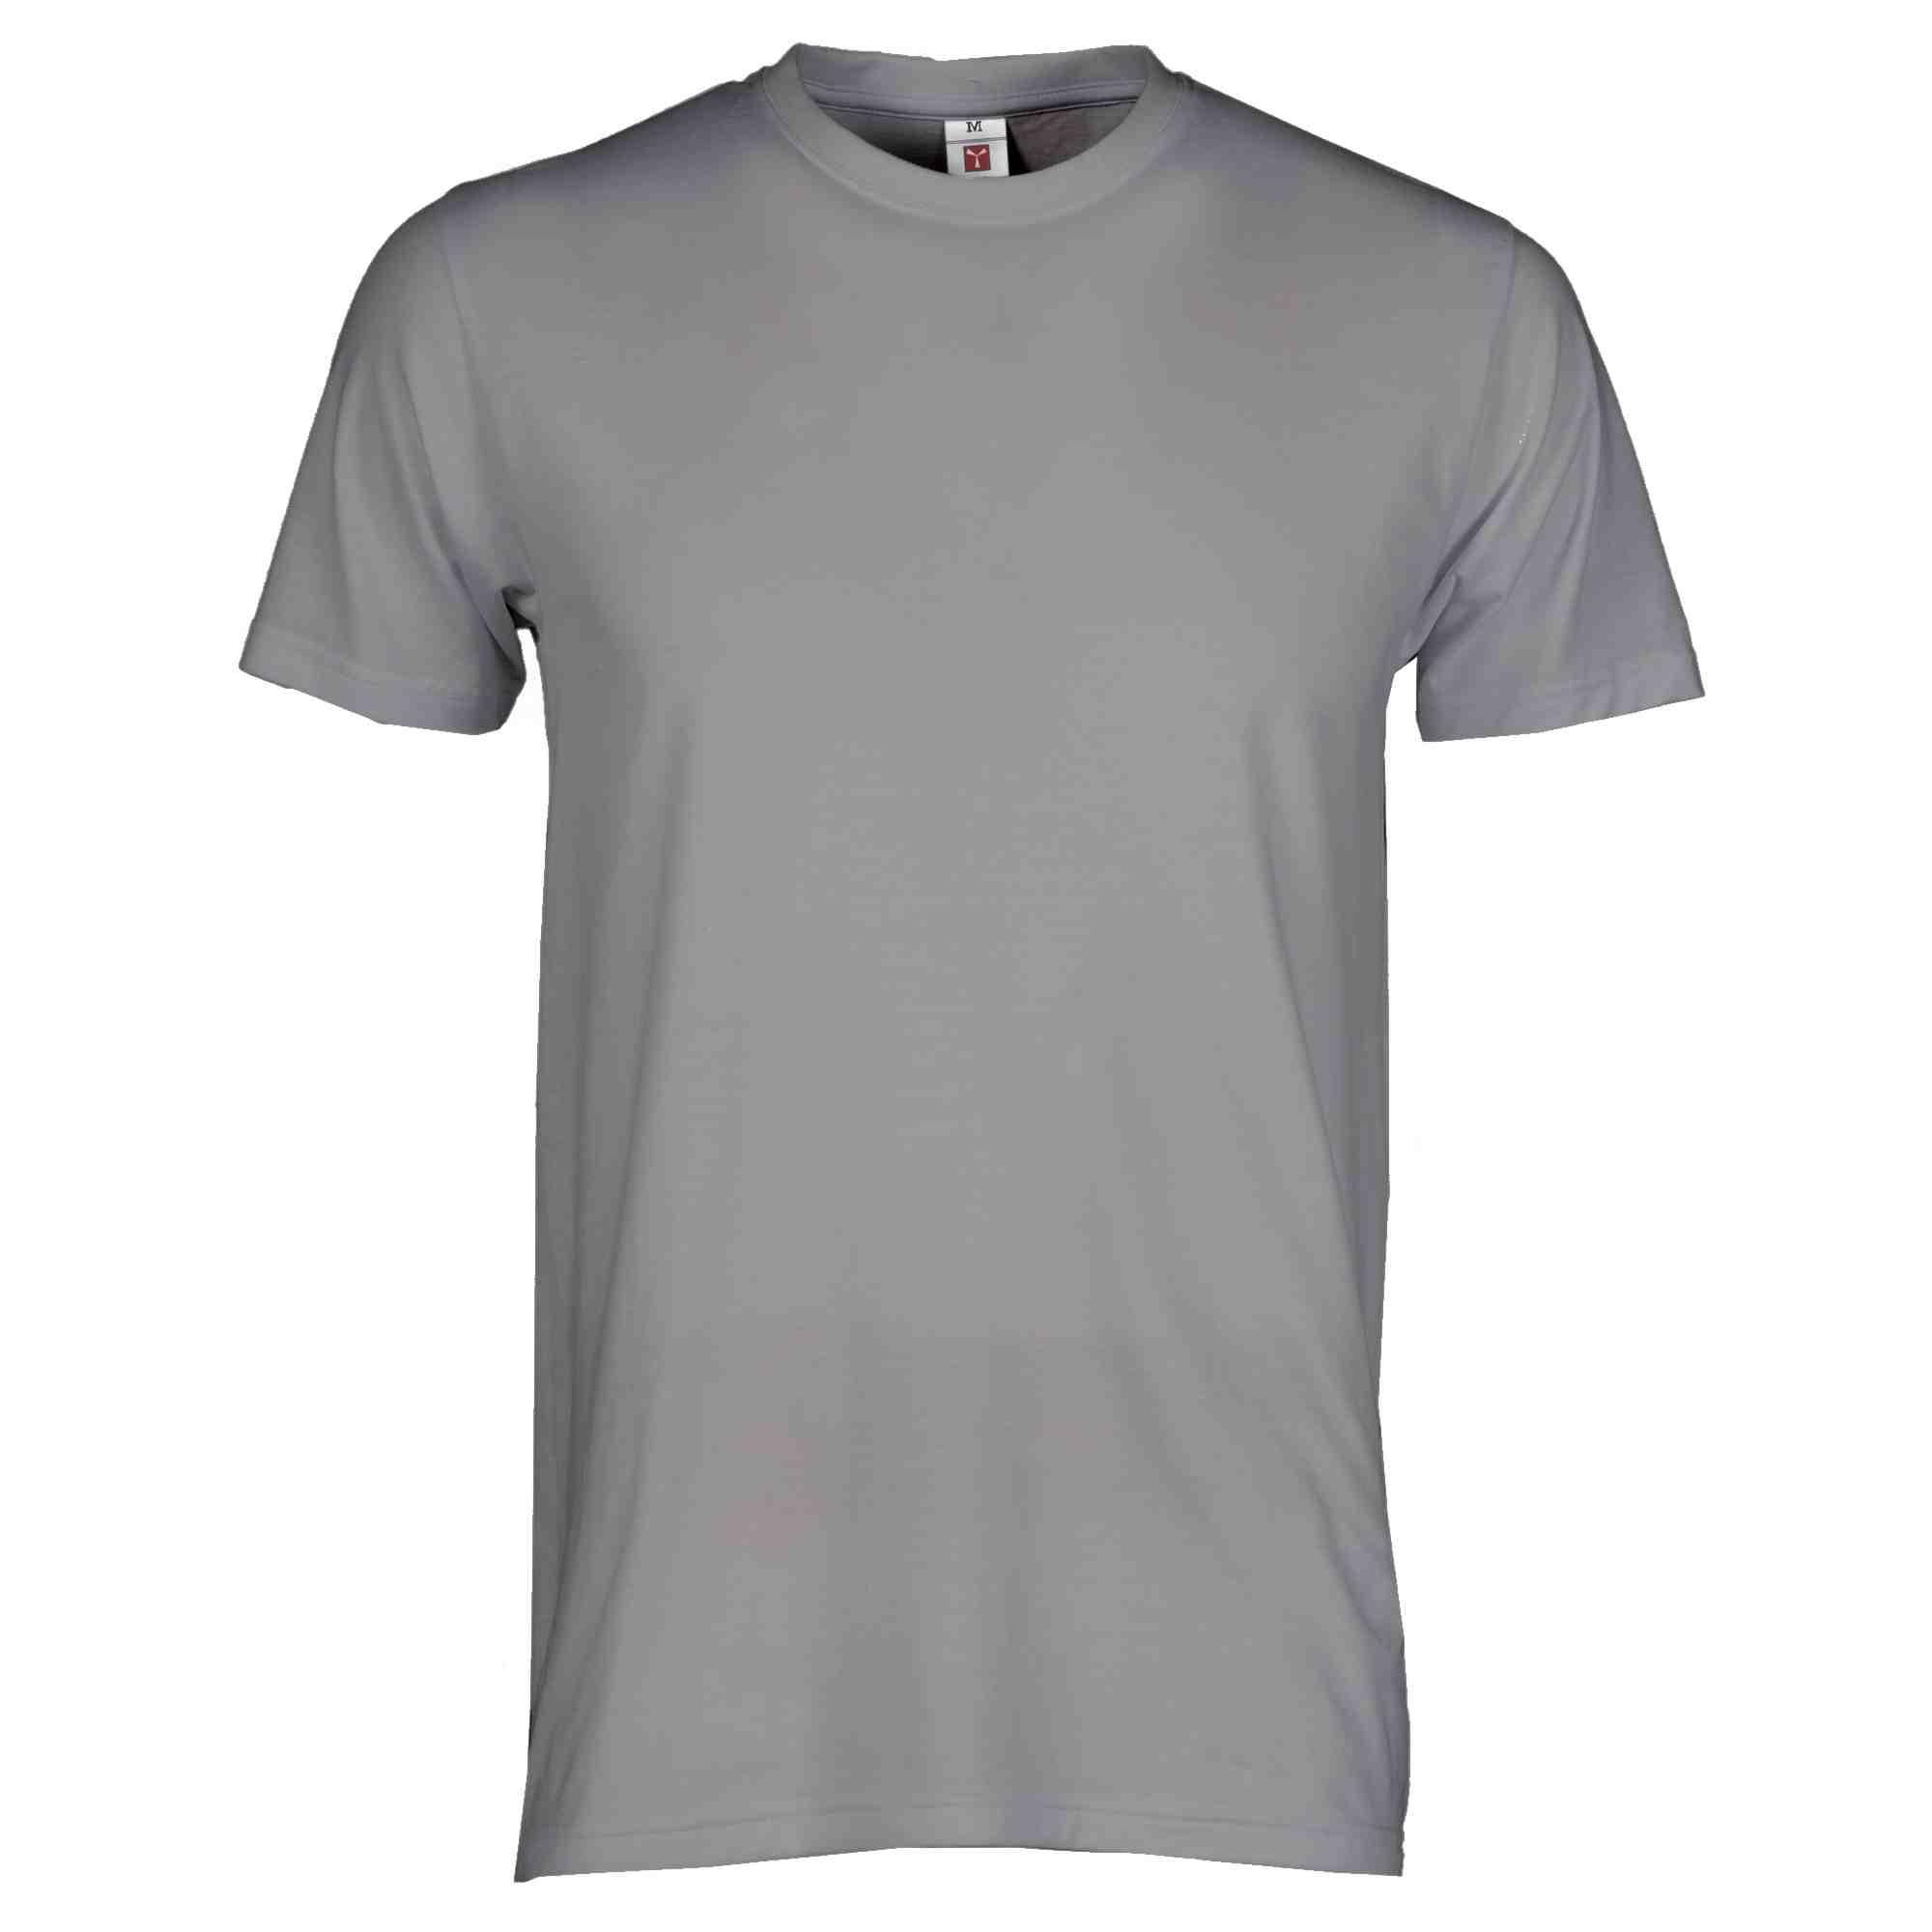 Où faire faire un tee shirt personnalisé ?